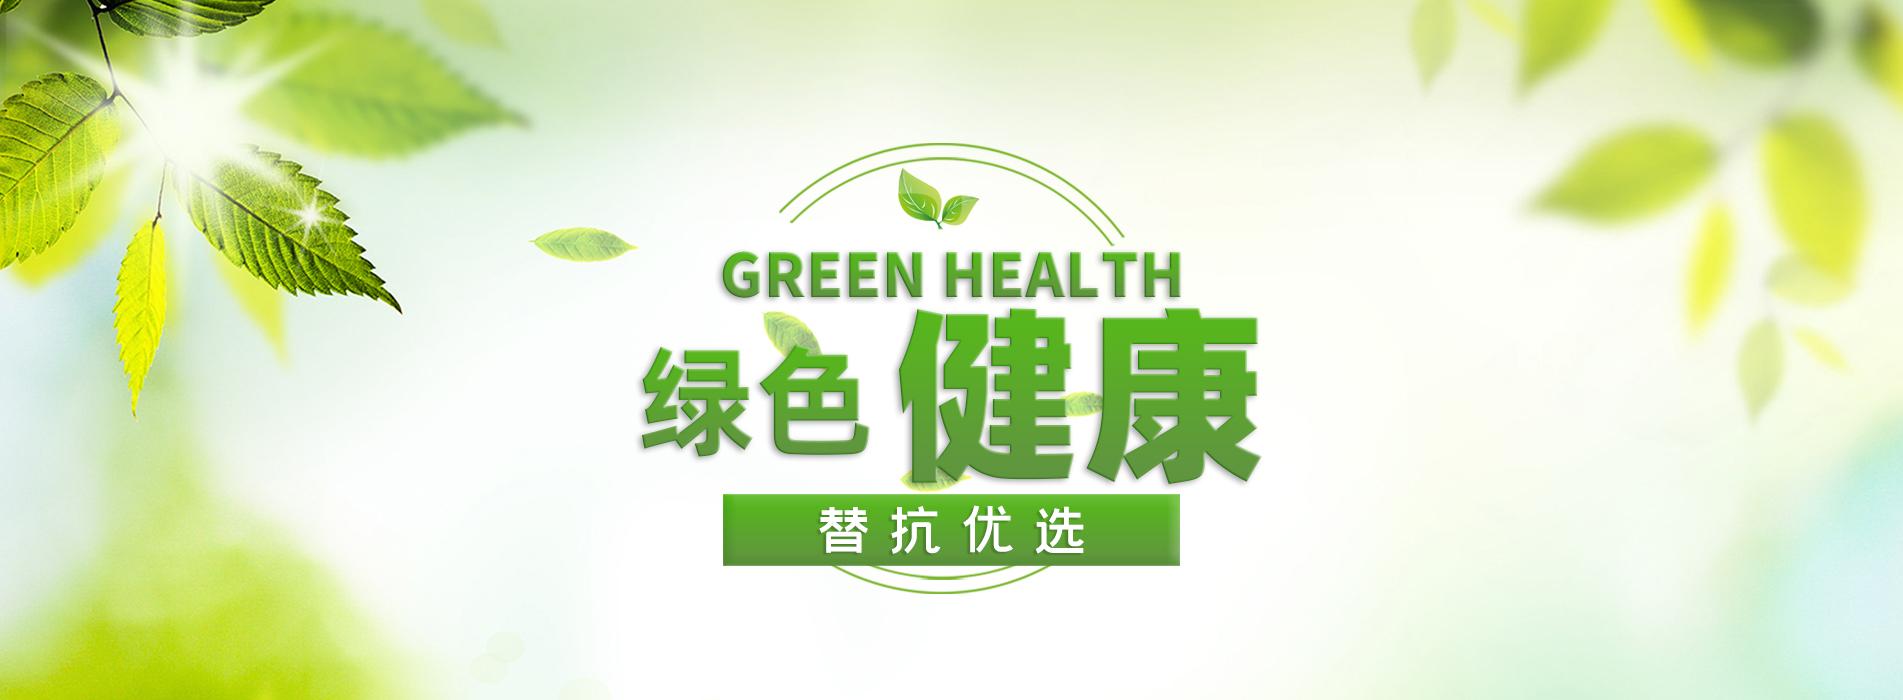 江苏康雅生物科技有限公司